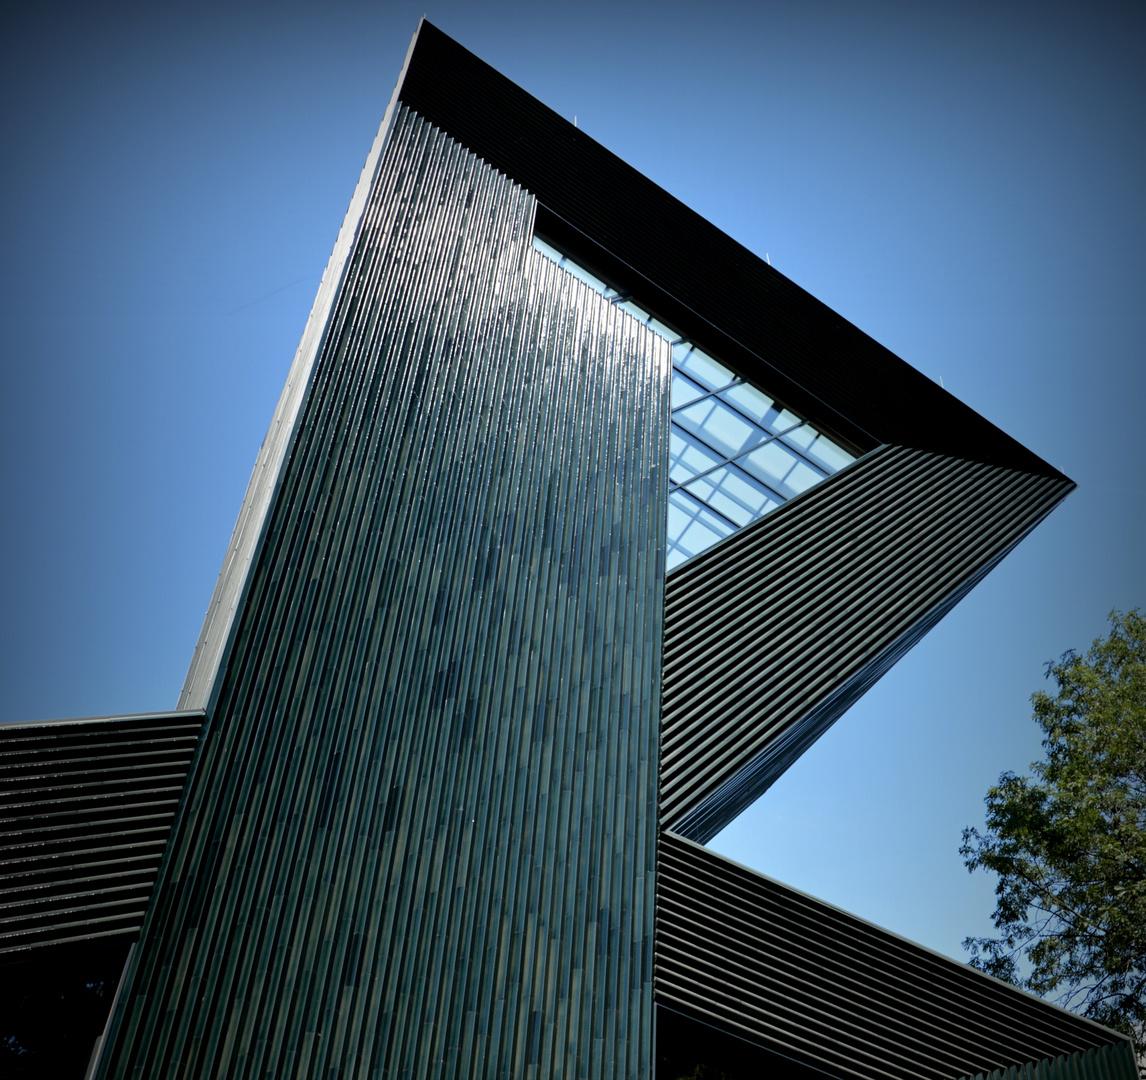 Dekonstruktivismus foto bild architektur - Dekonstruktivismus architektur ...